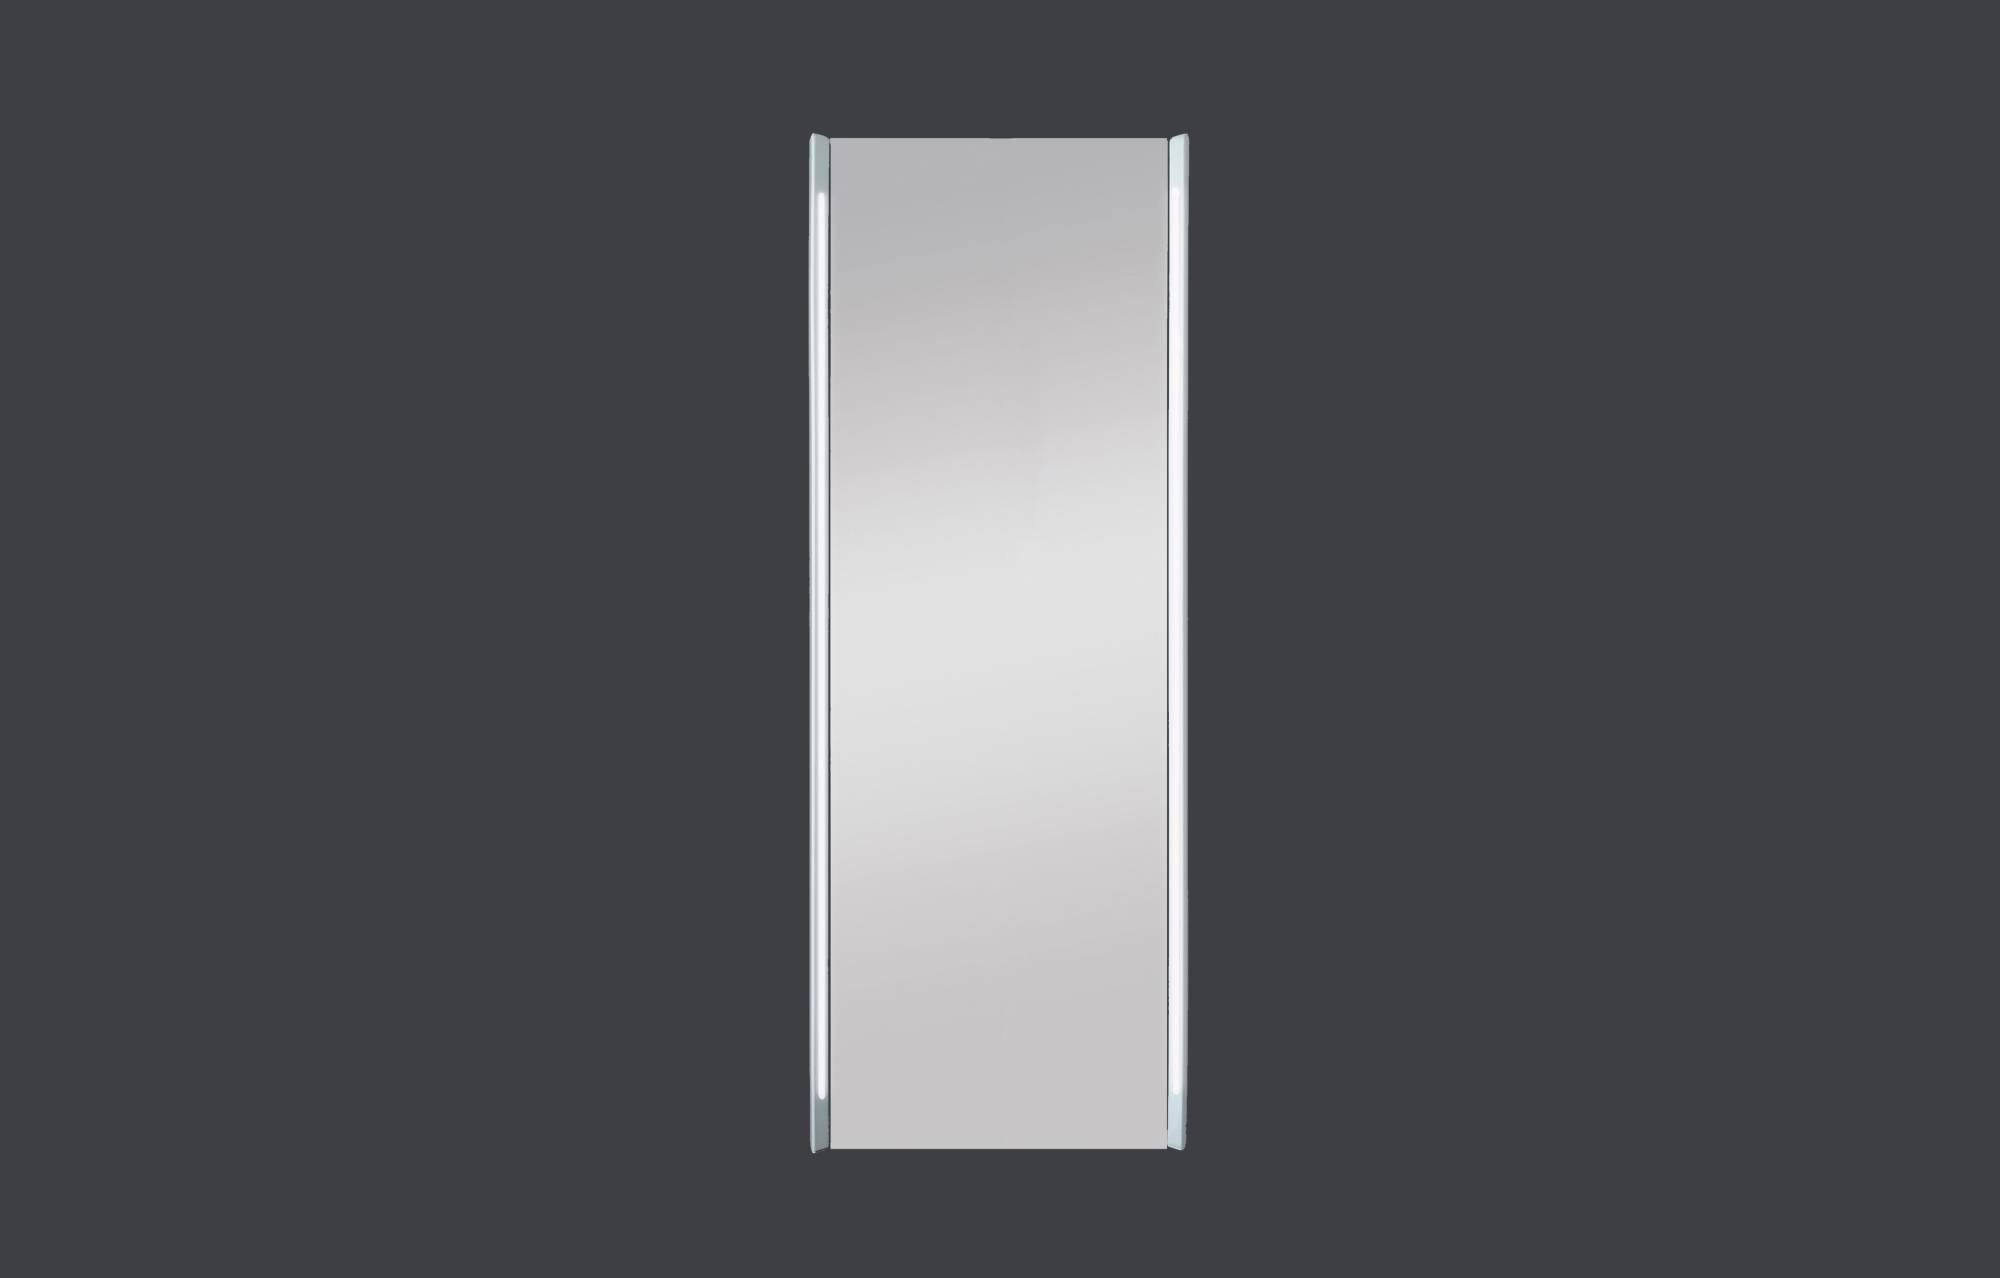 Miroir_container_vanita_e_casa_zenit03